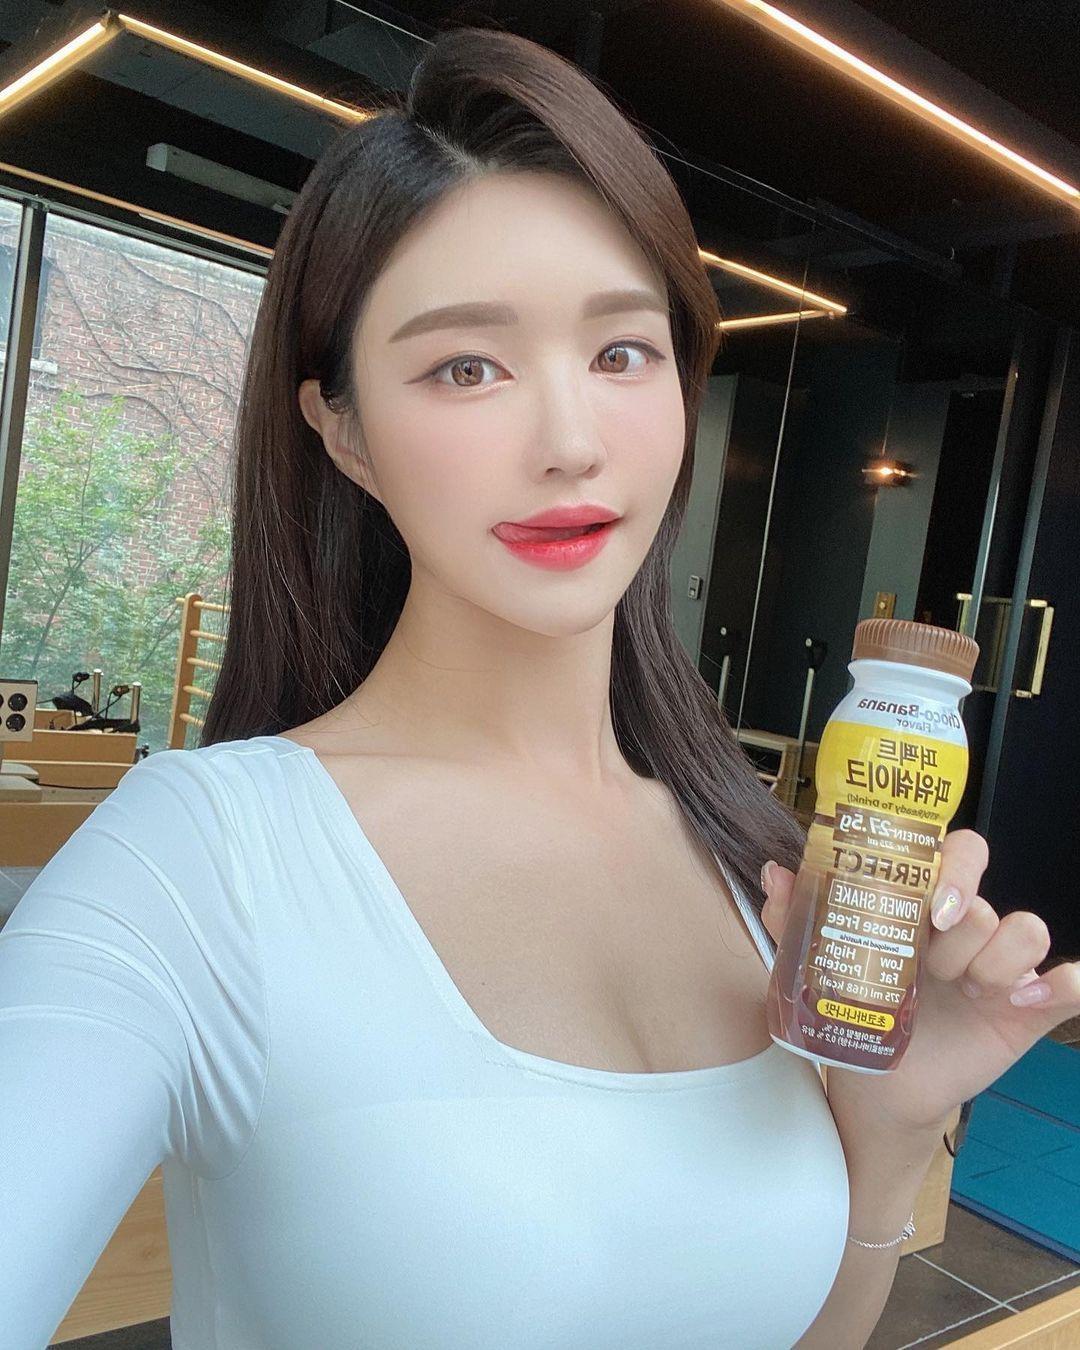 韩国美女主播「尹浩延」爱打高尔夫.球衣衬托超吸睛 养眼图片 第24张